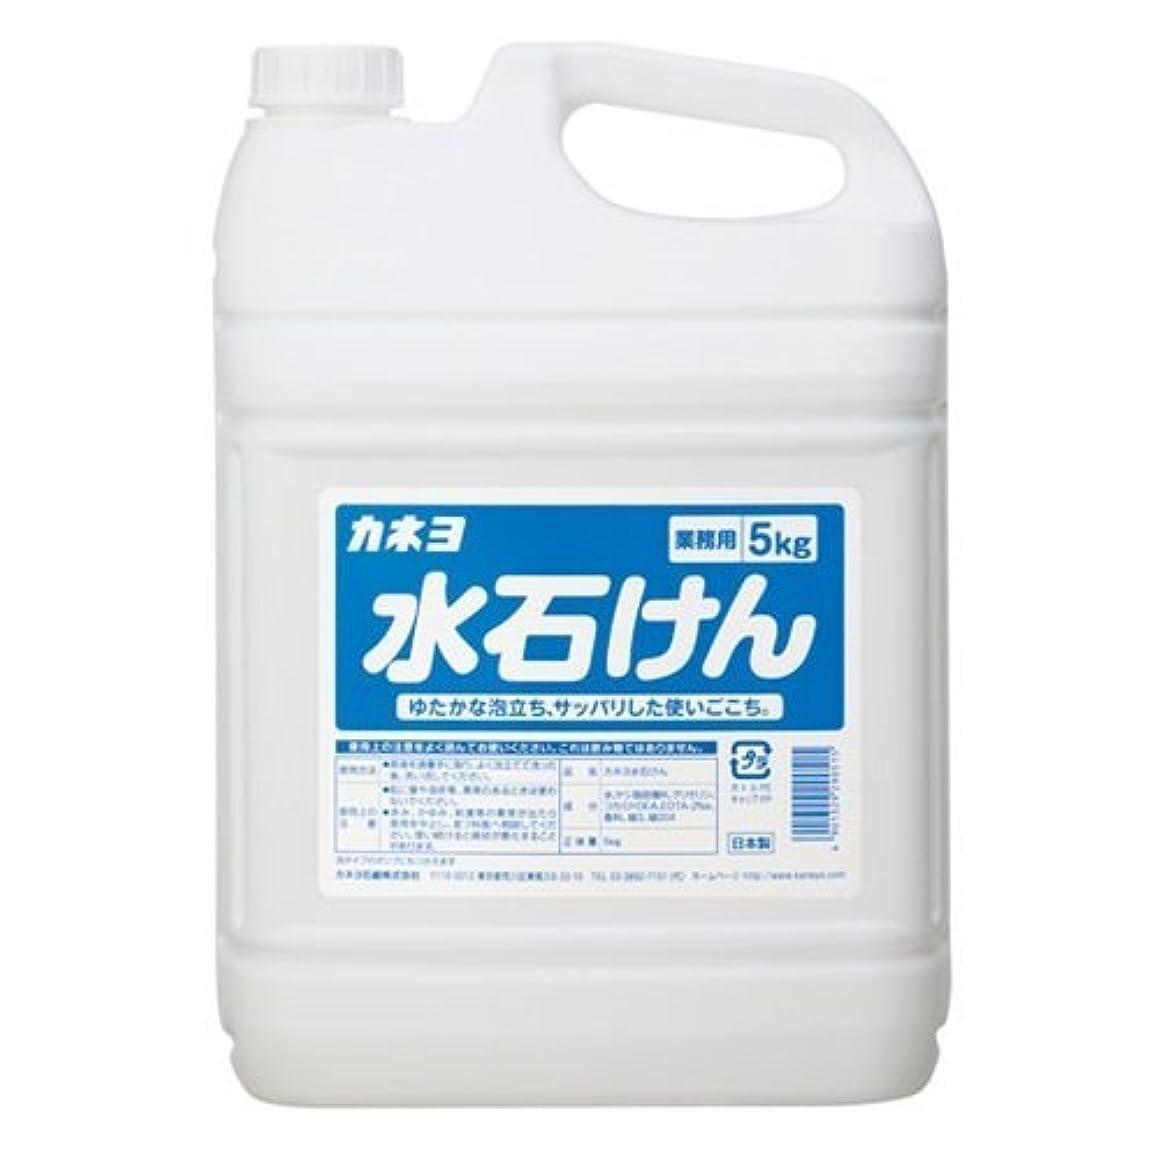 第五編集者購入【ケース販売】業務用 カネヨ水石けん 5㎏×3本